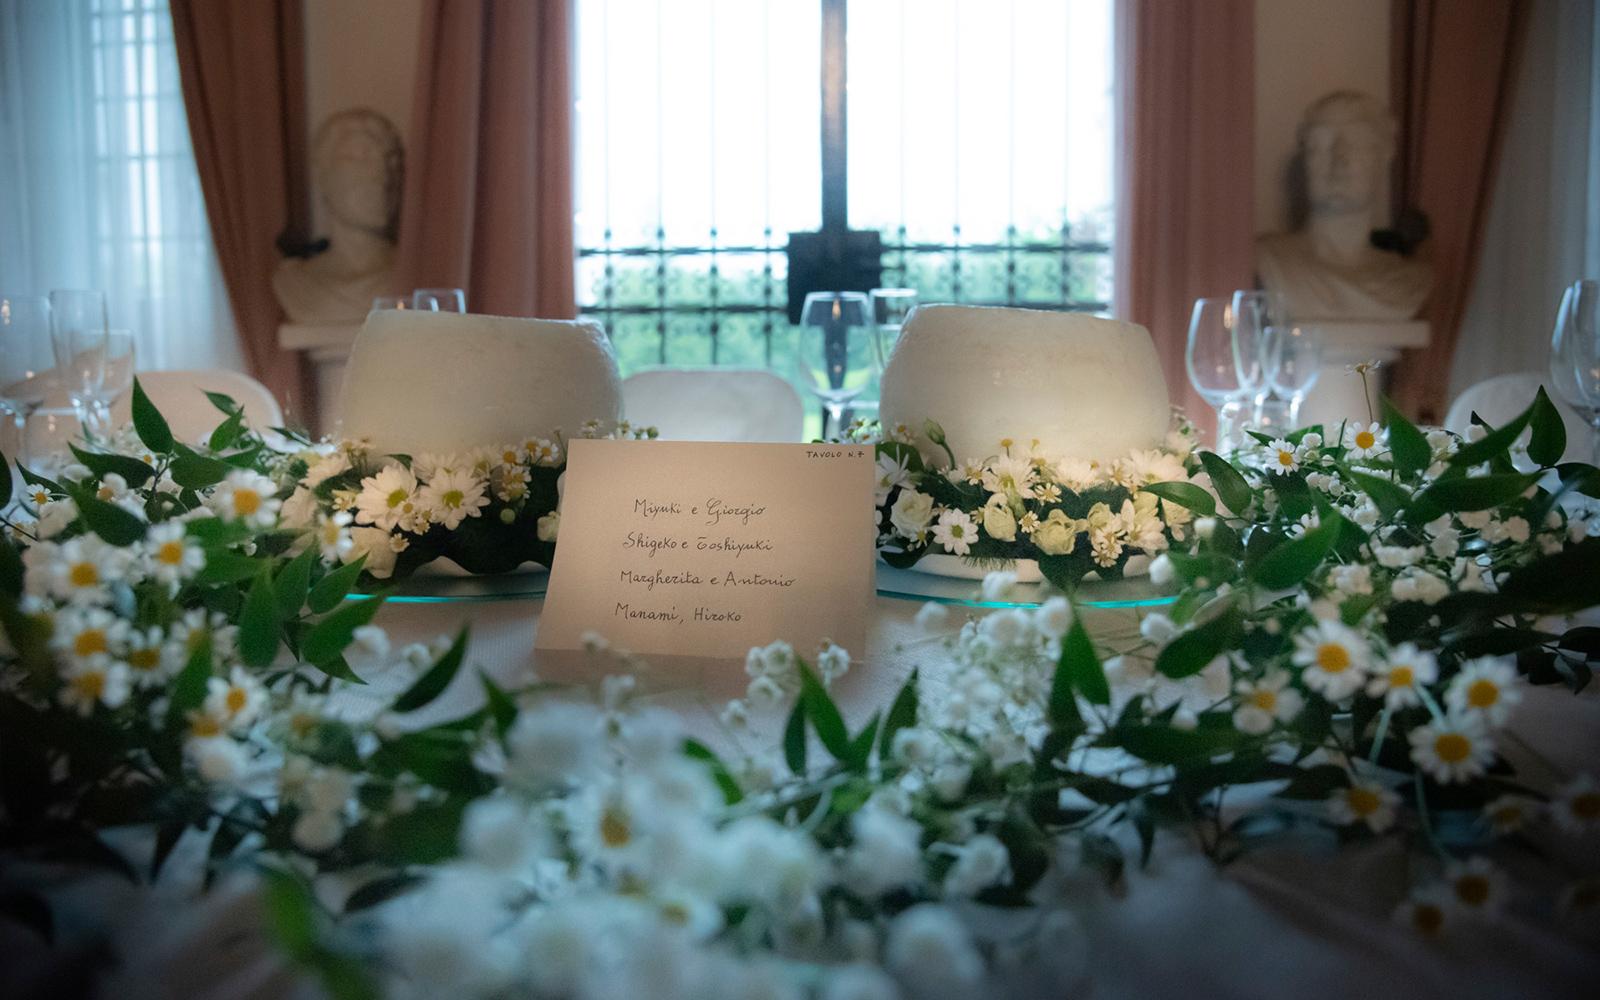 Vicenza ricevimento matrimonio Vicenza matrimonio ricevimento, sala ricevimento matrimoni, Sala ricevimento matrimonio, feste di matrimonio Vicenza, feste per matrimonio Padova